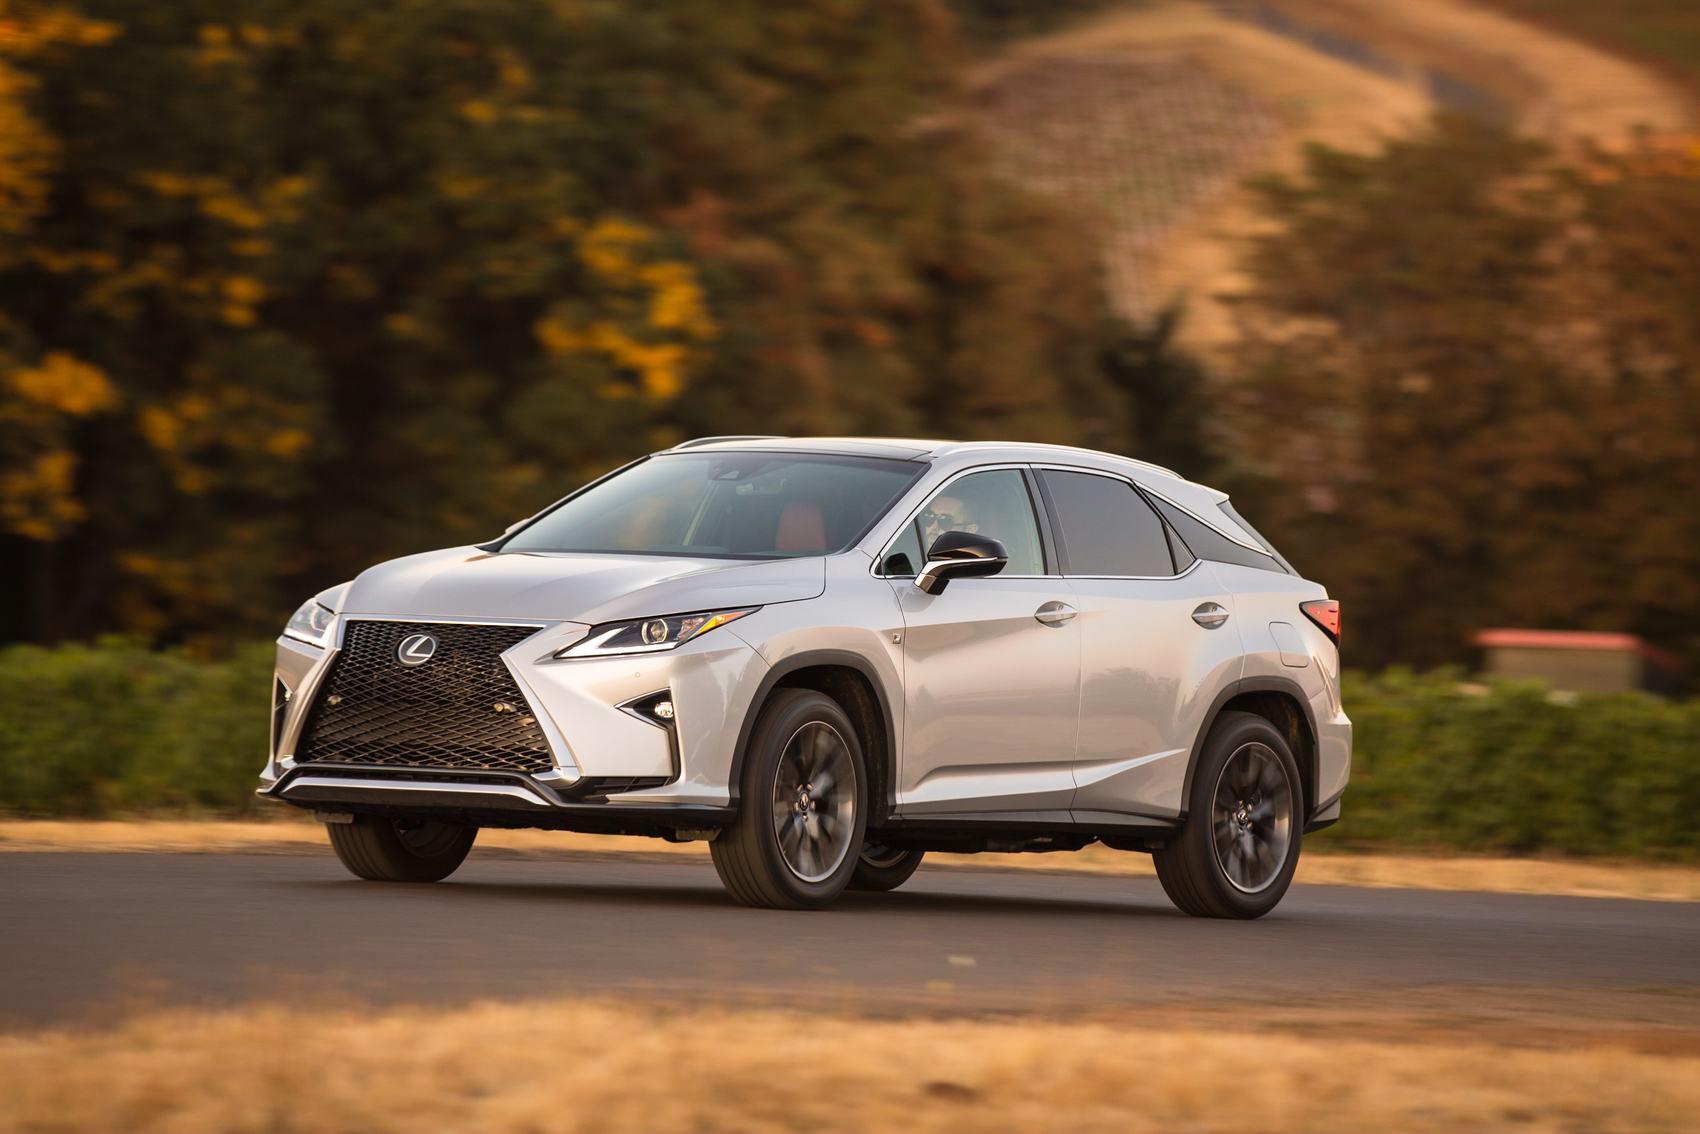 2018 Lexus RX Reviews - Research RX Prices & Specs ...  |Lexus Rx450